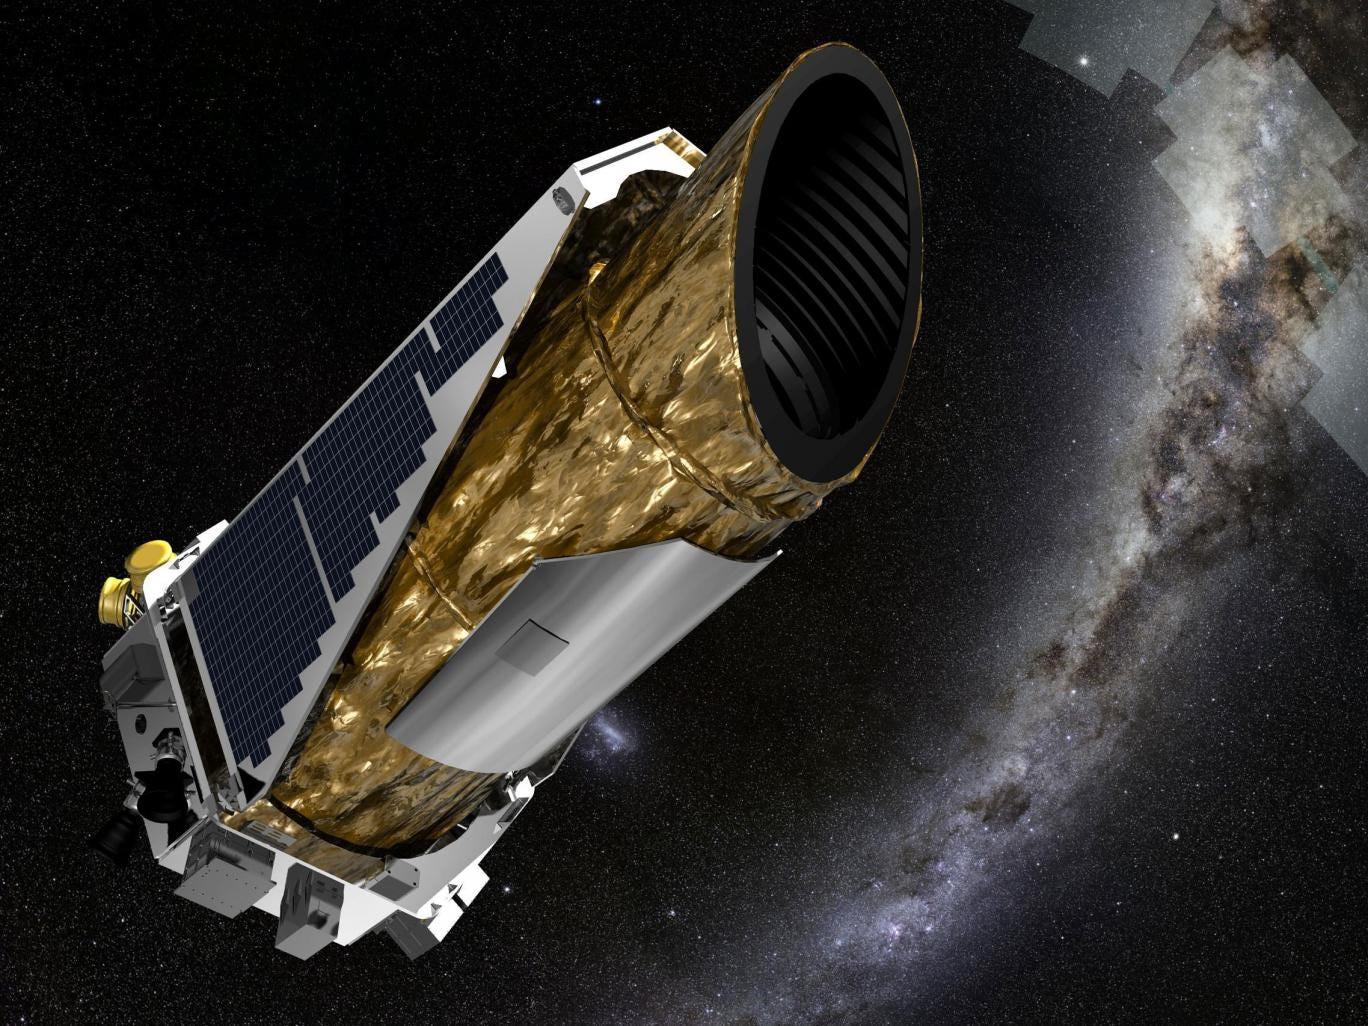 Kepler Teleskop Bilder